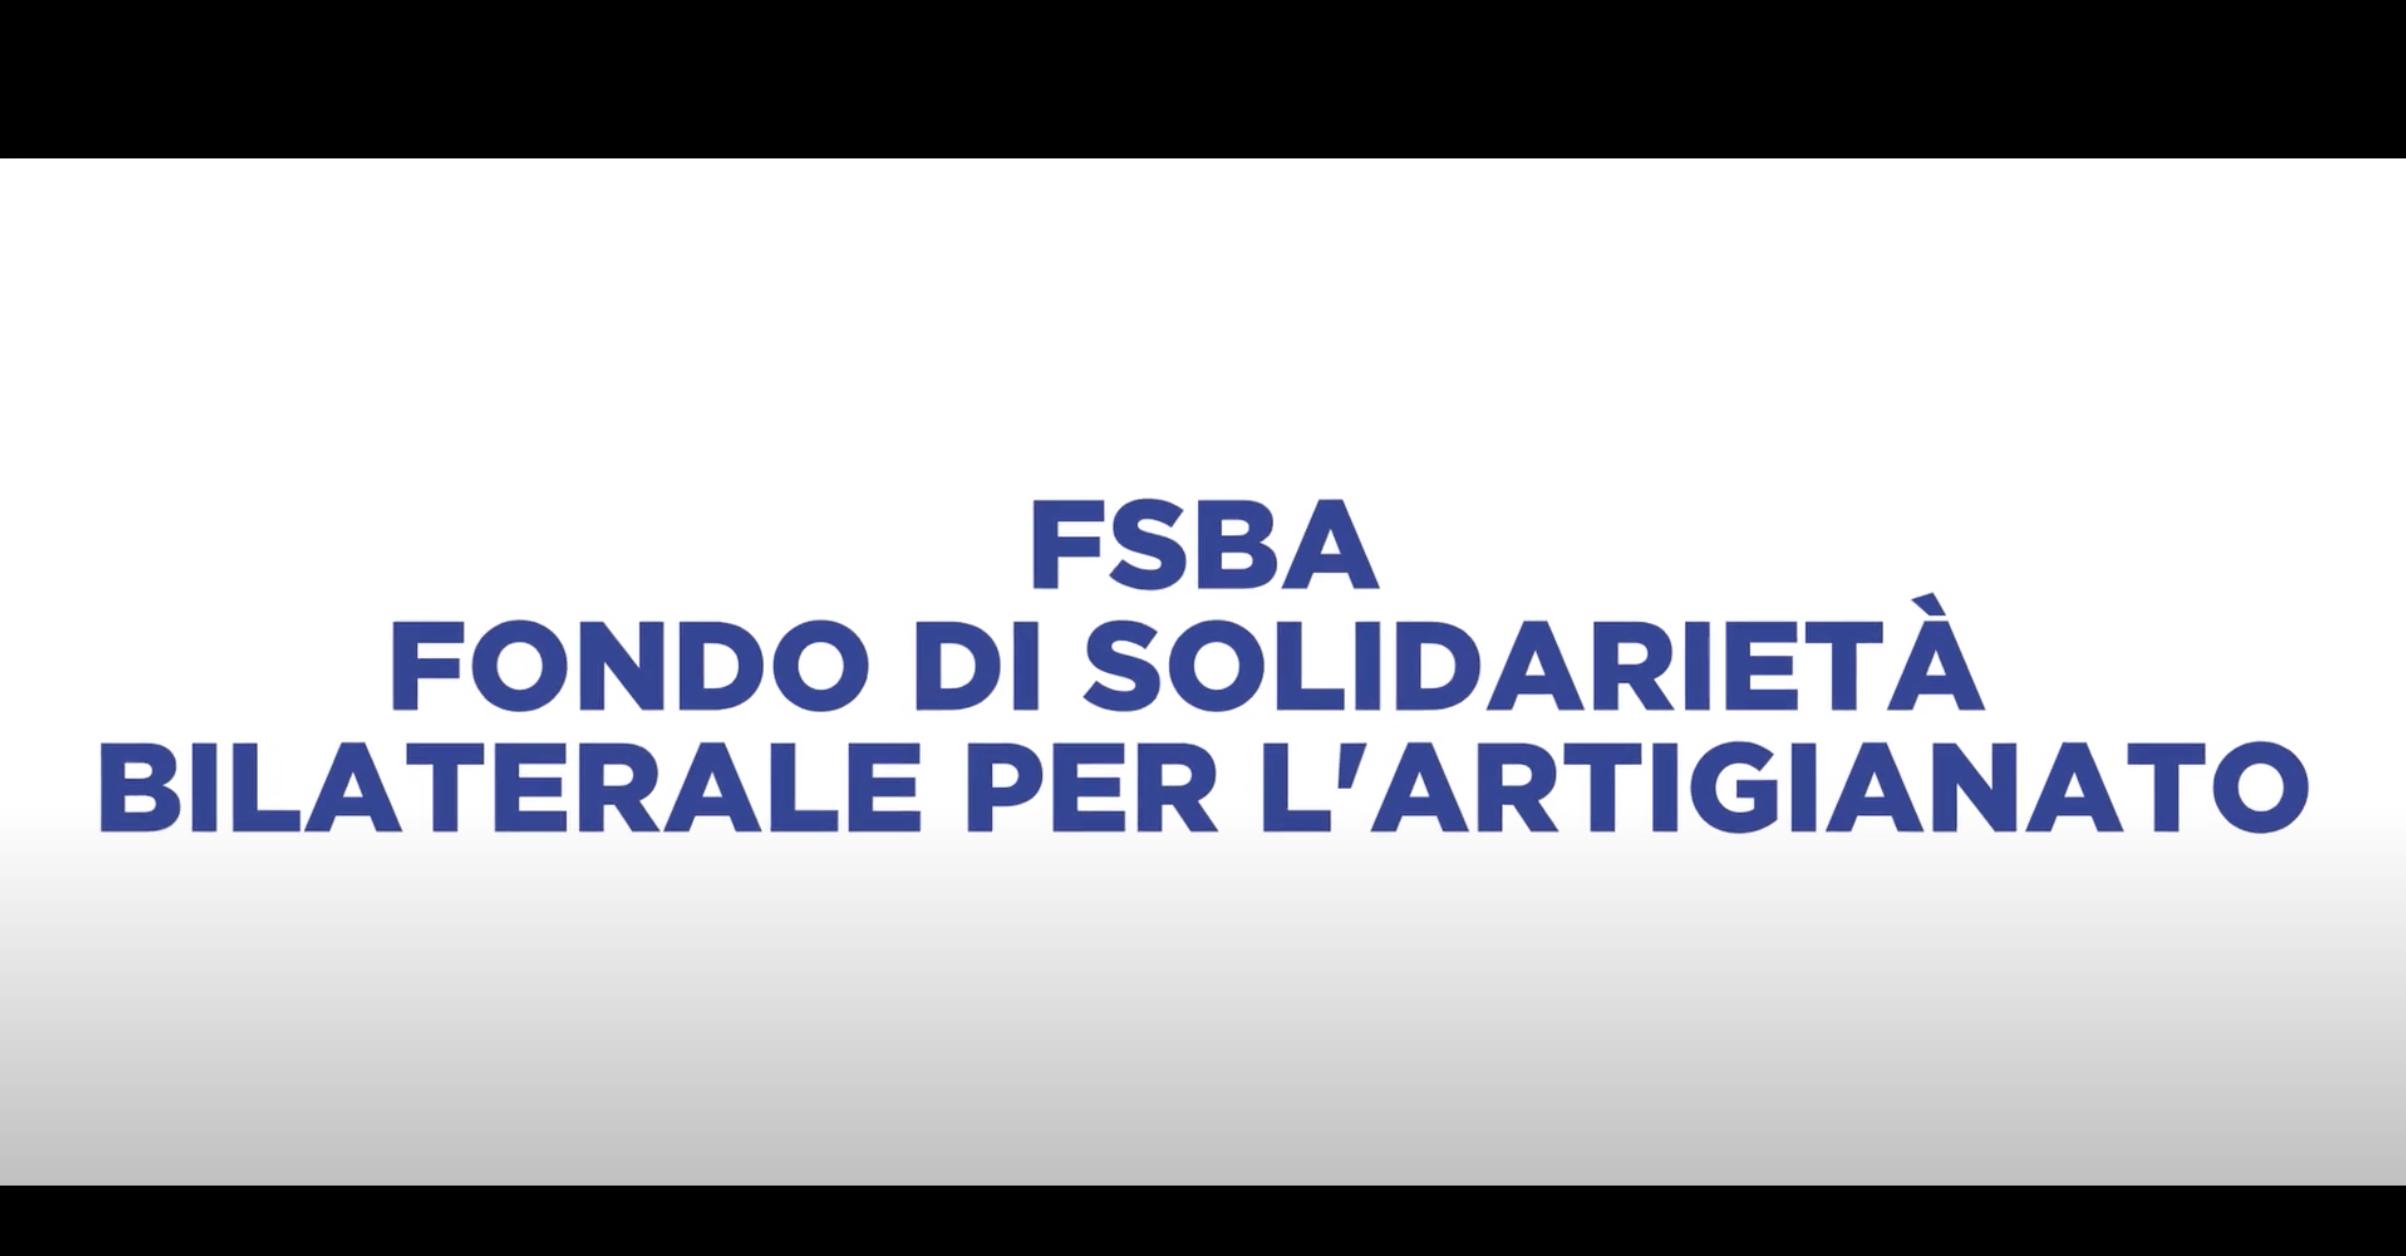 FSBA – FONDO DI SOLIDARIETÀ BILATERALE PER L'ARTIGIANATO